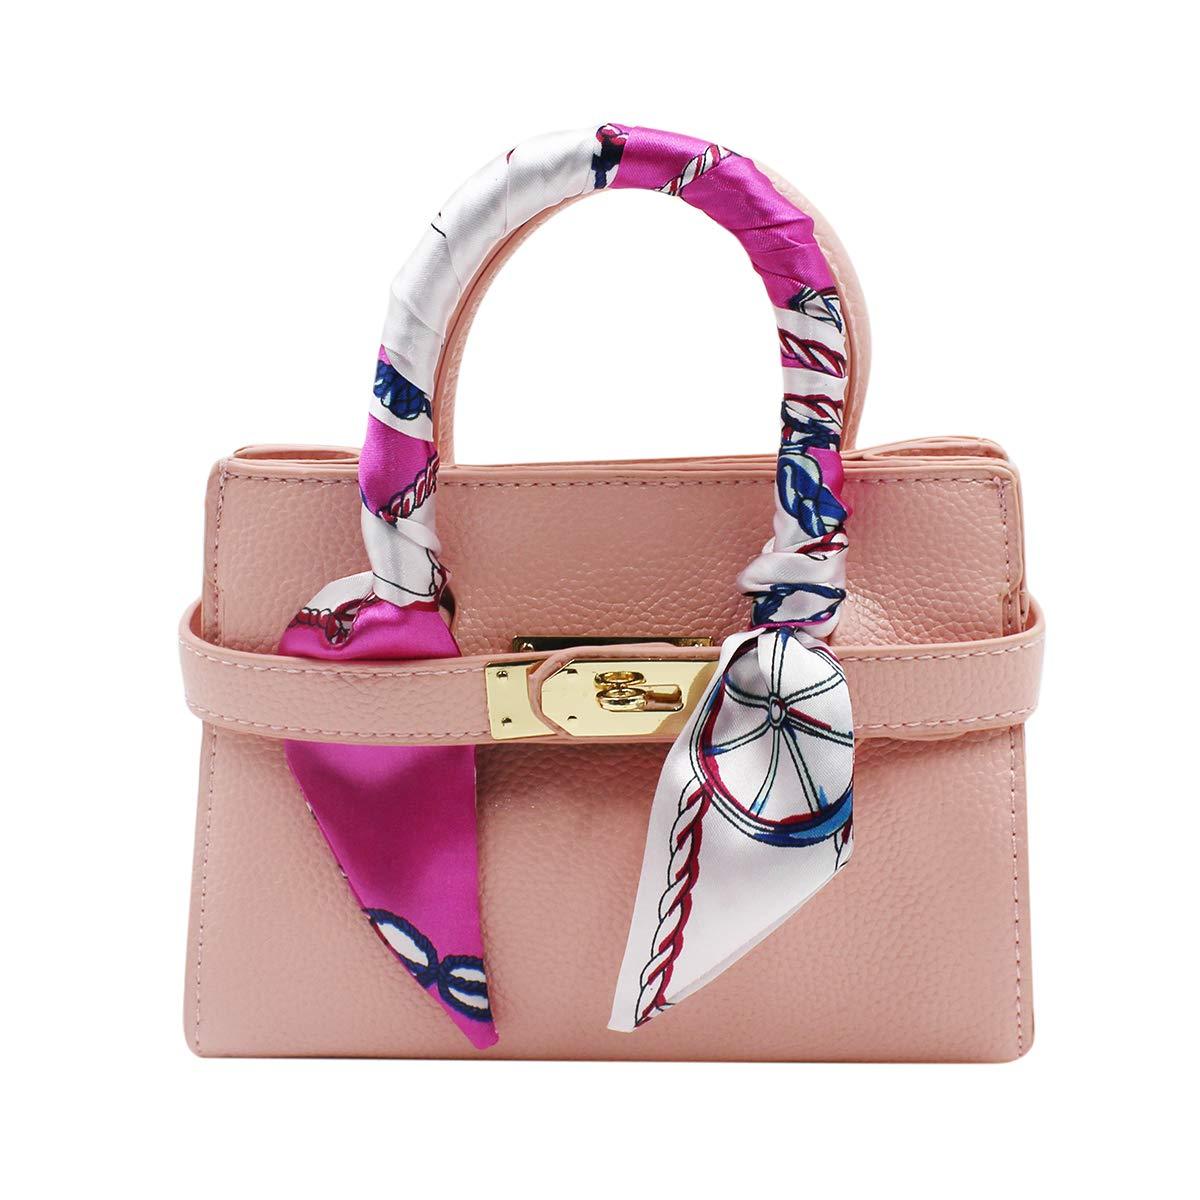 女児 キッズ ファッション 財布 クロスボディ サッチェル トート ハンドバッグ シルクスカーフ付き  ライトピンク B07S161HMB